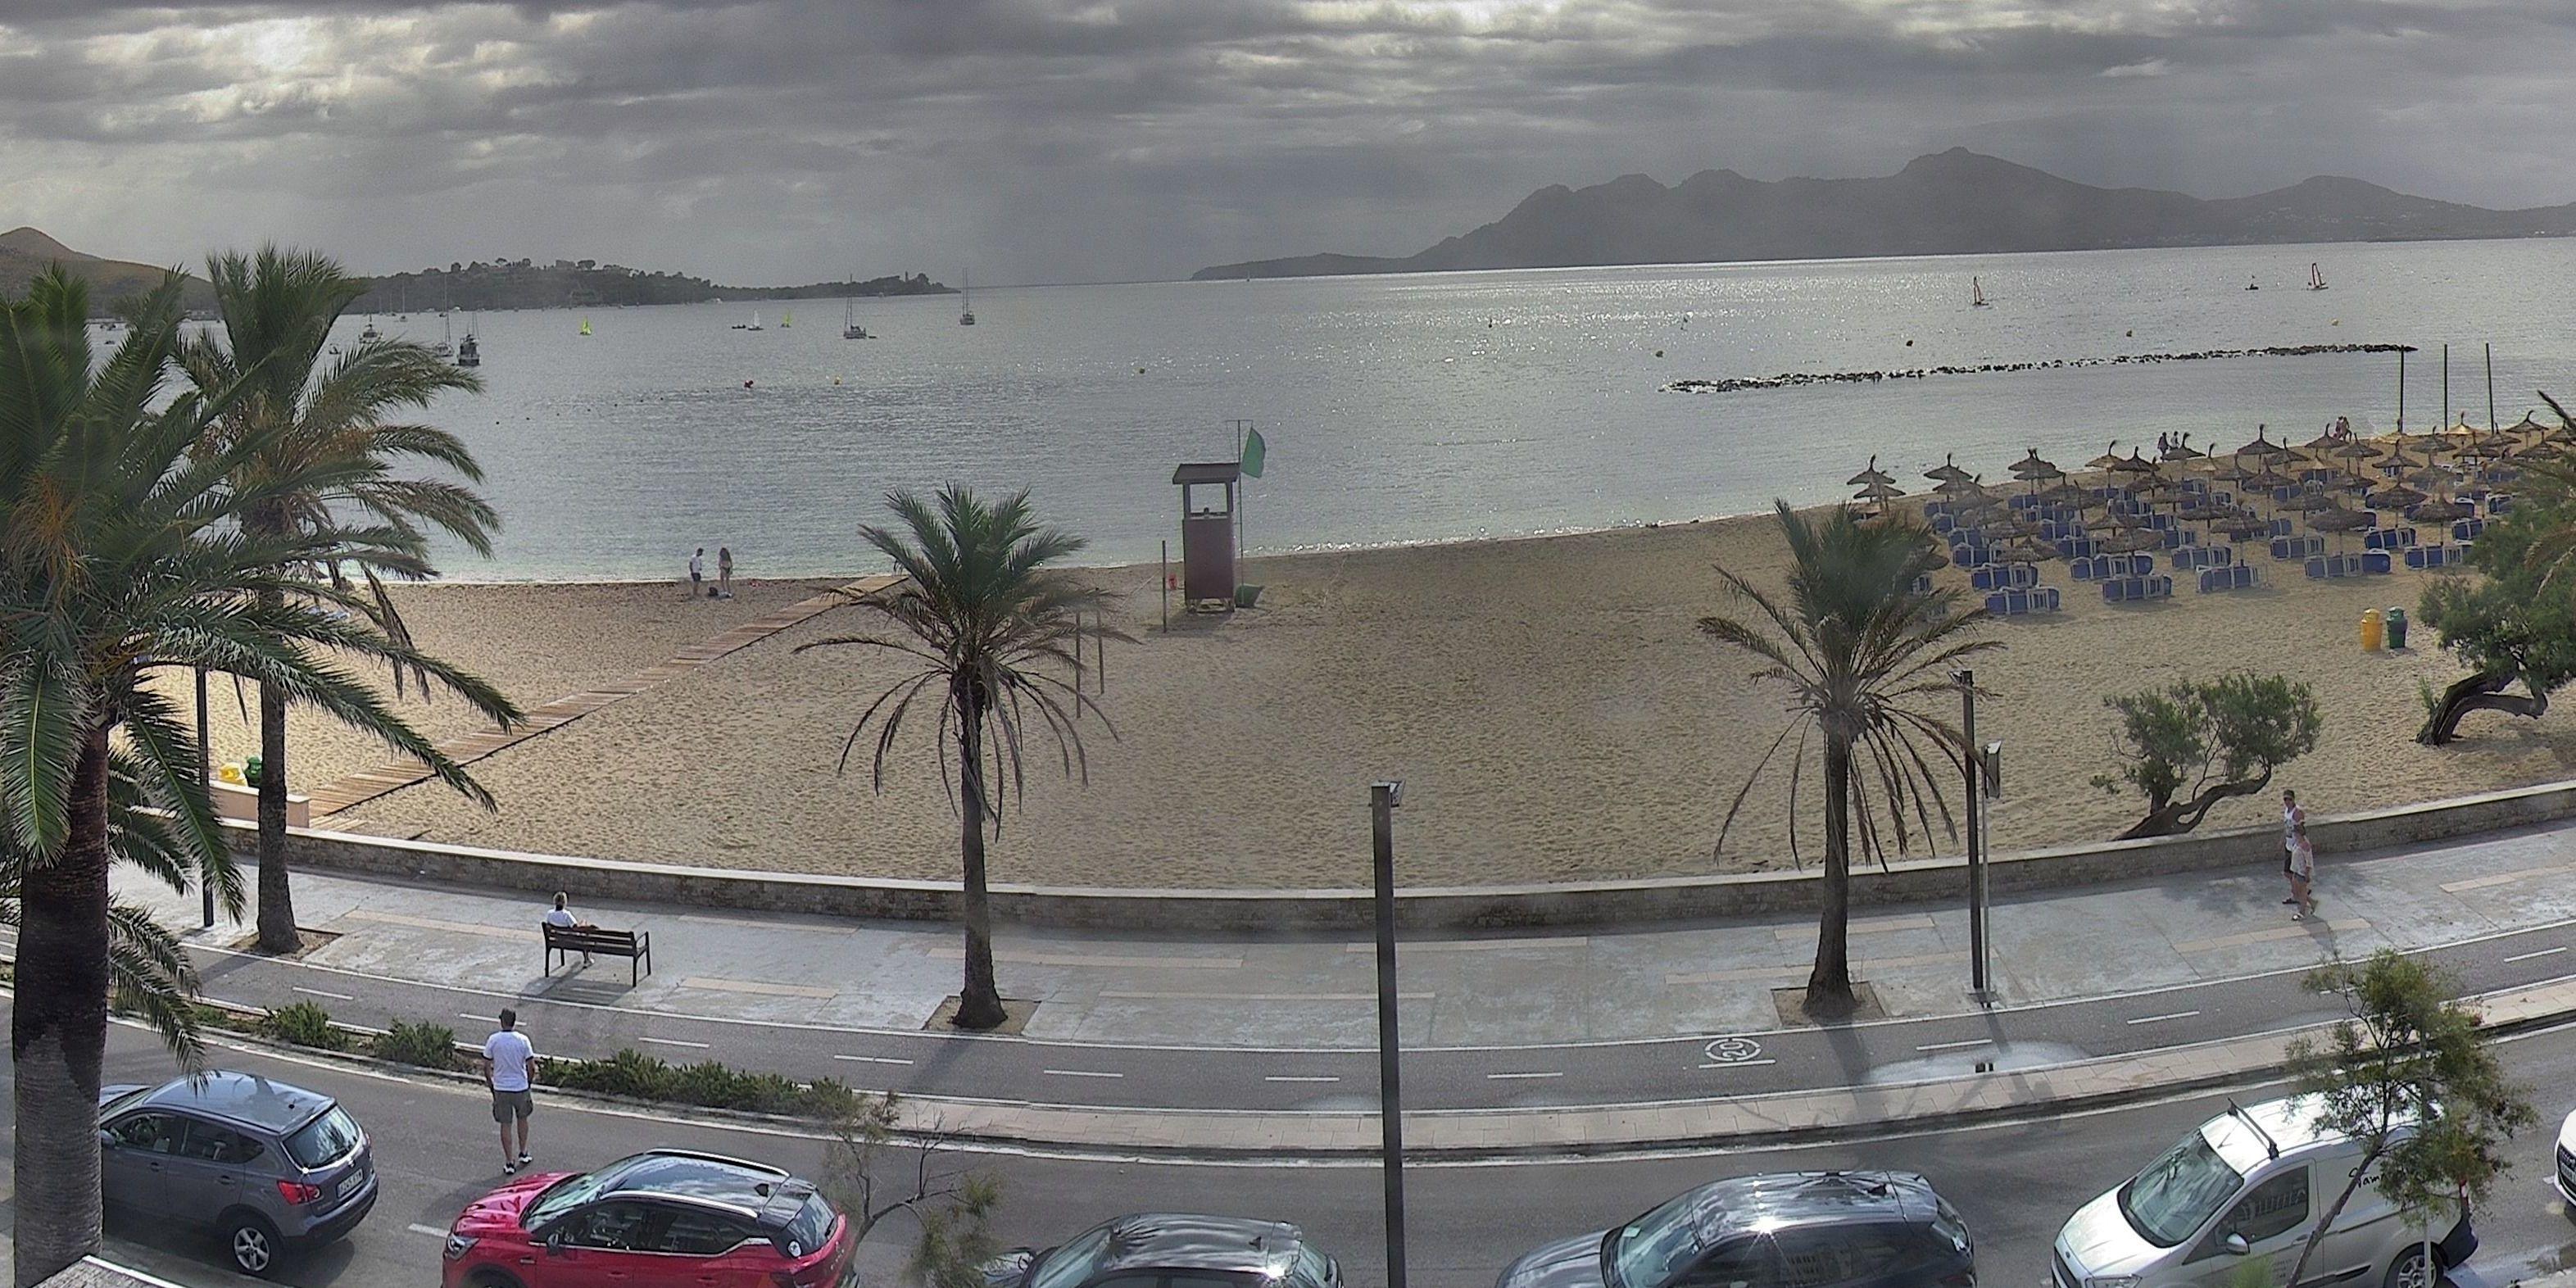 Puerto de Pollensa (Majorca) - Webcam Galore